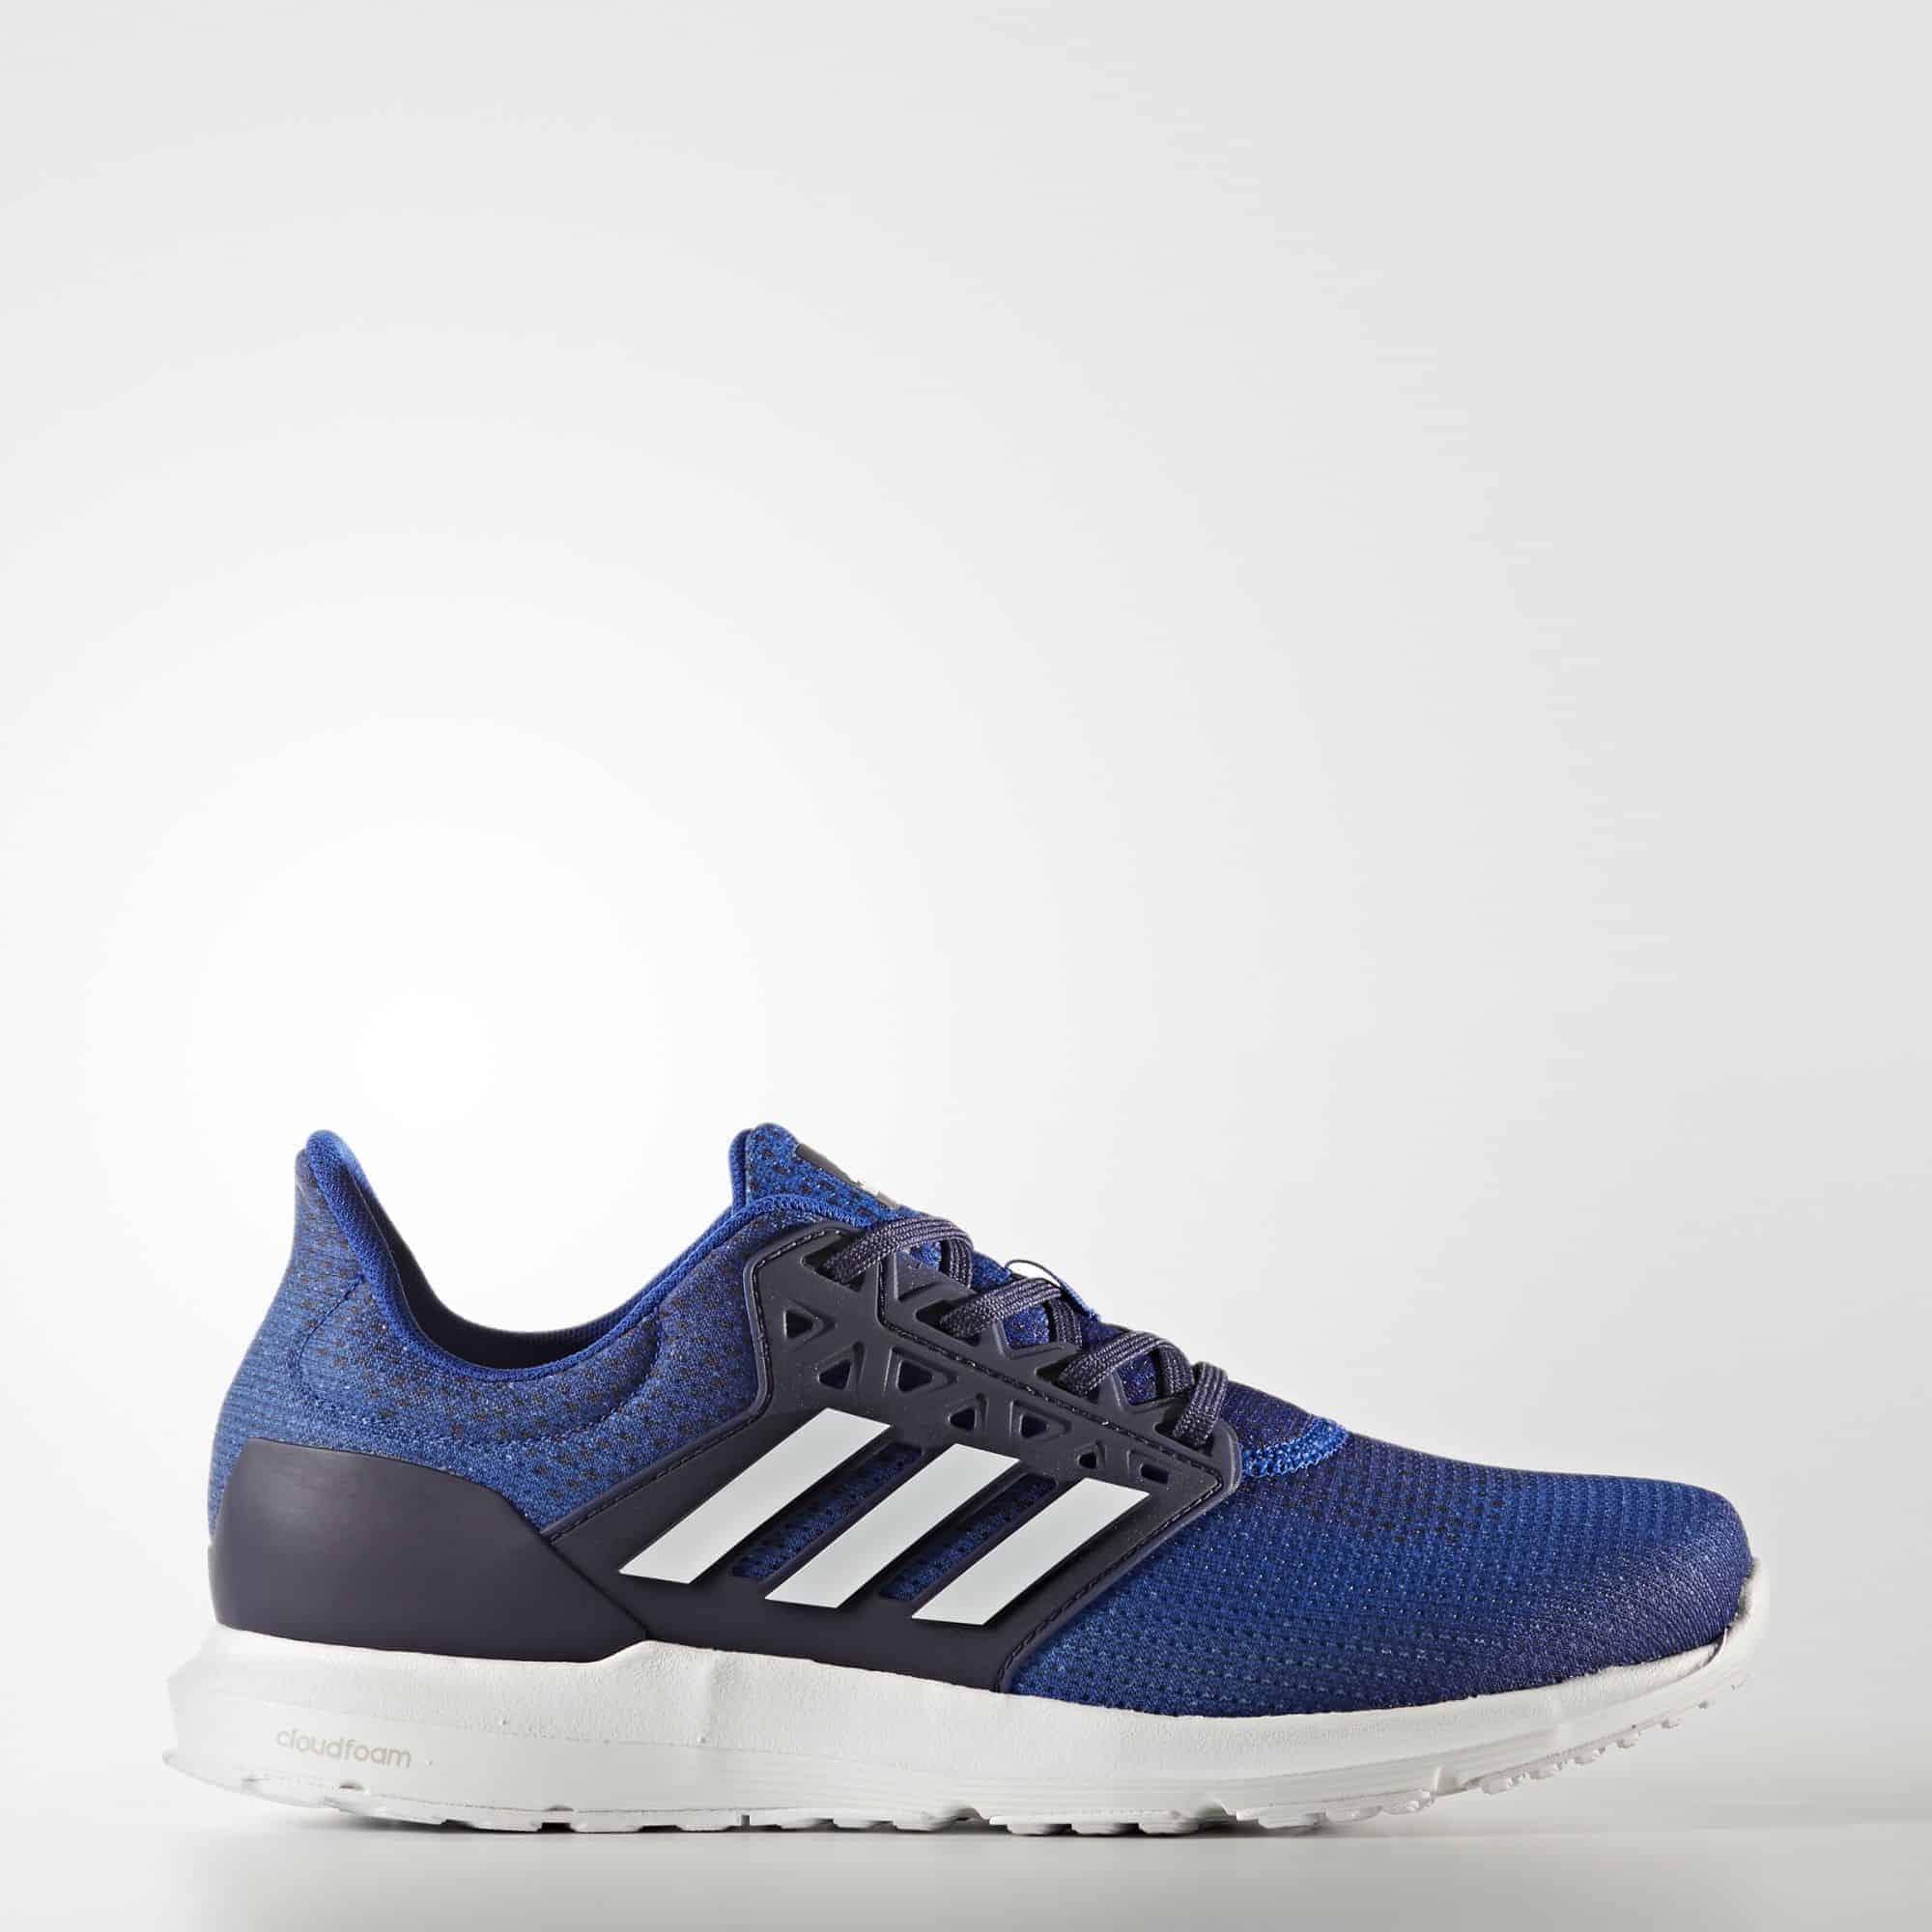 Кроссовки для бега Adidas SOLYX M мужские